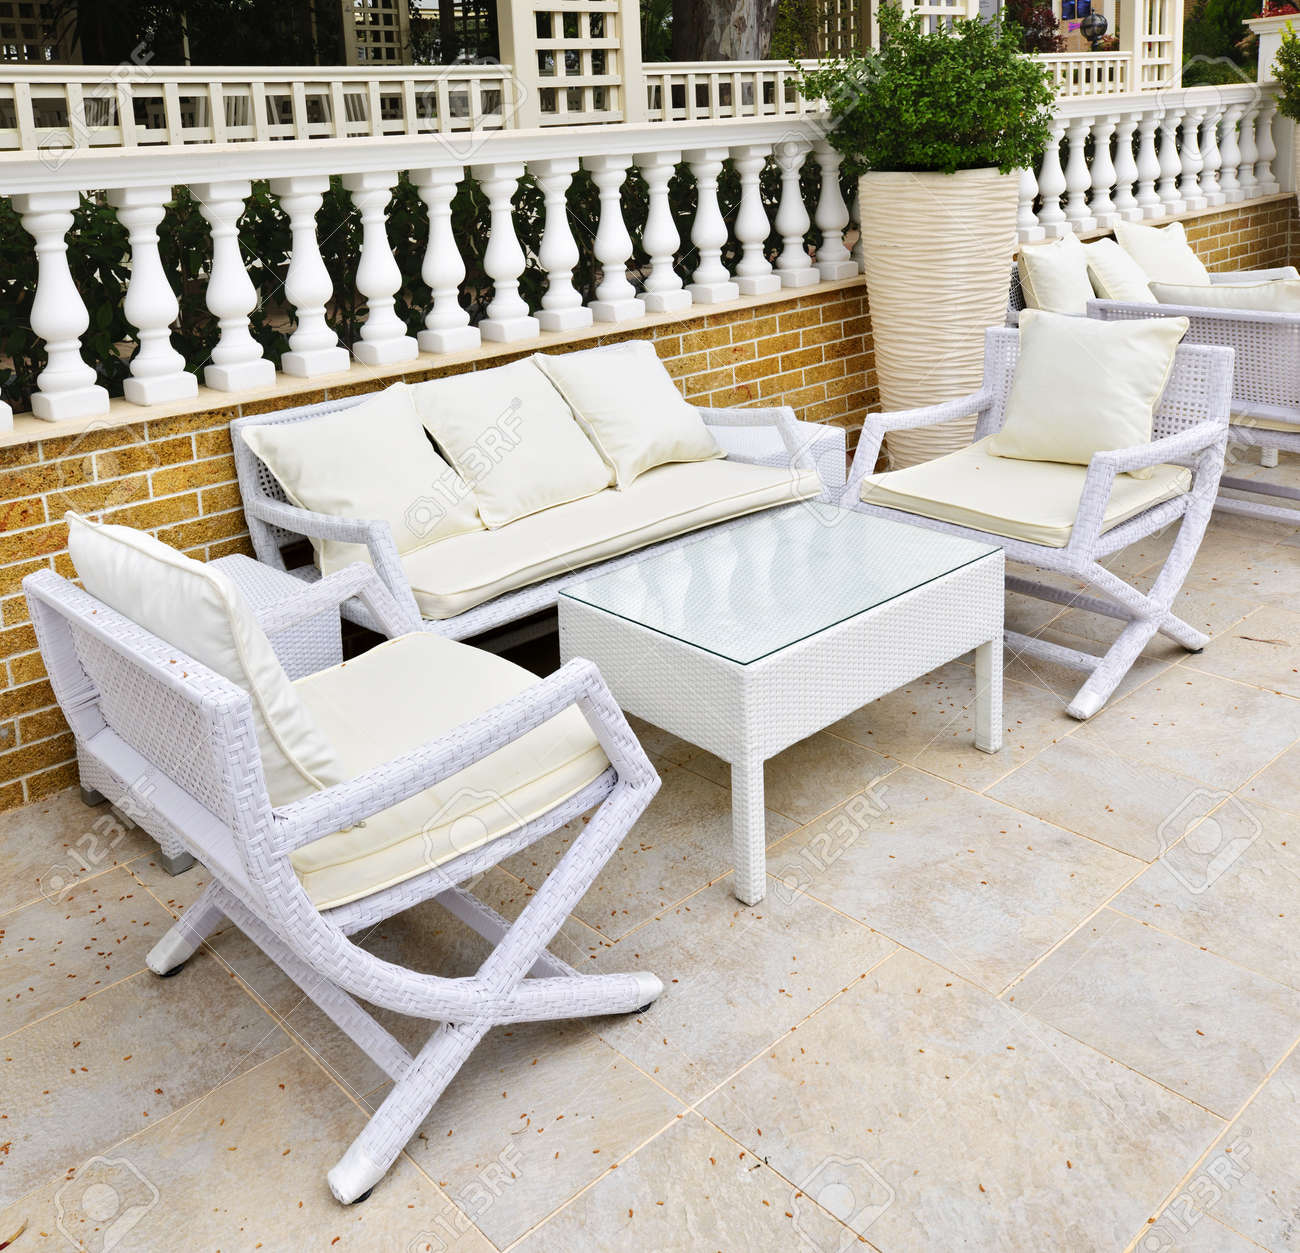 banque d images meubles de patio en osier plein air dans la zone pavee de pierres naturelles